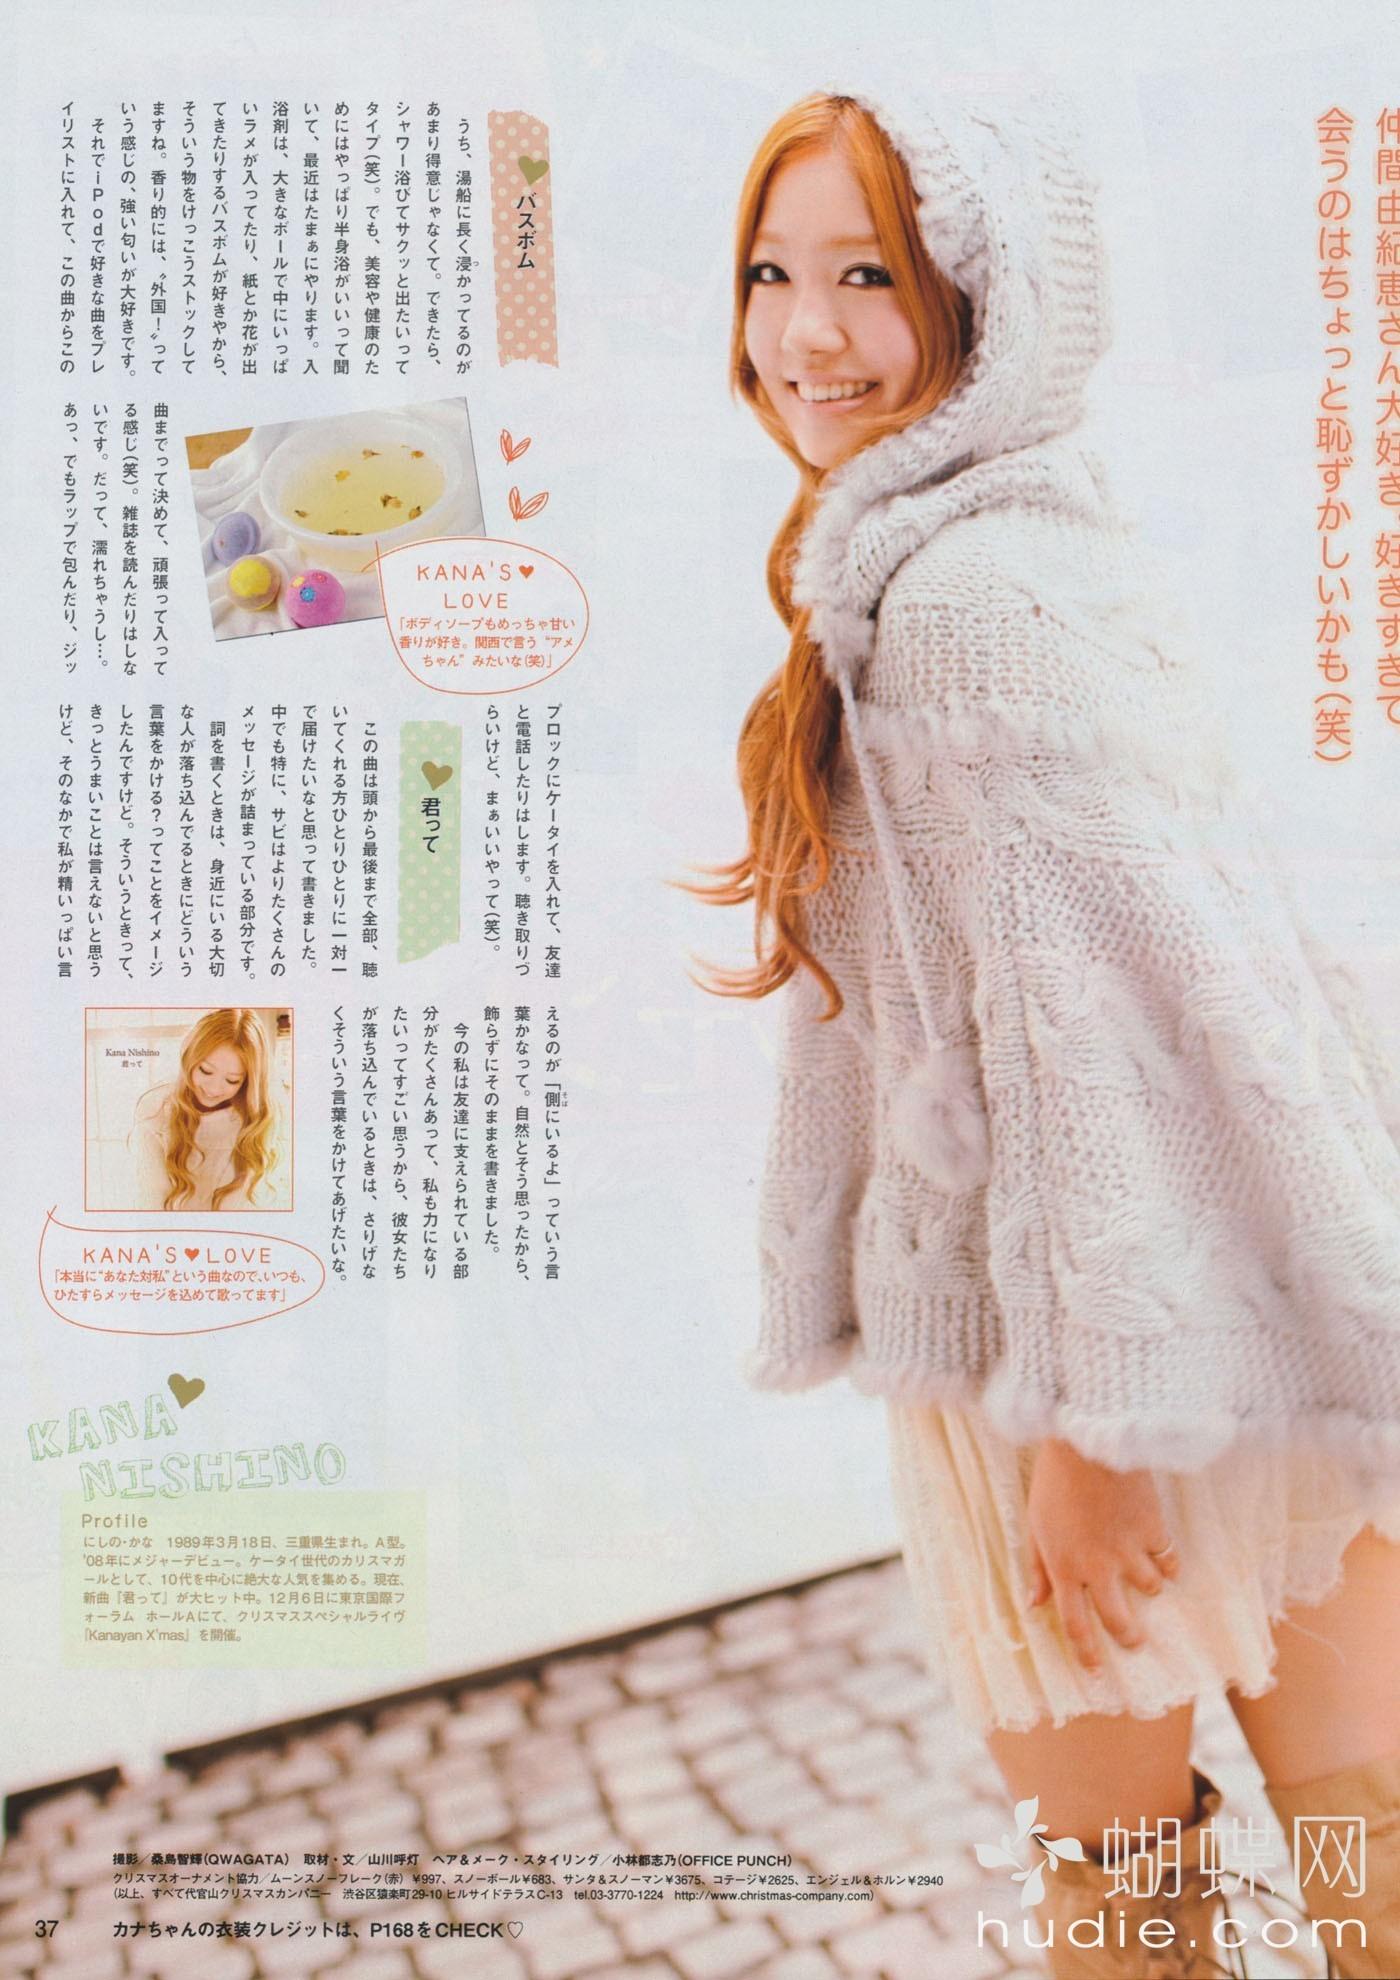 kana kawaii nishino 5e - photo #25